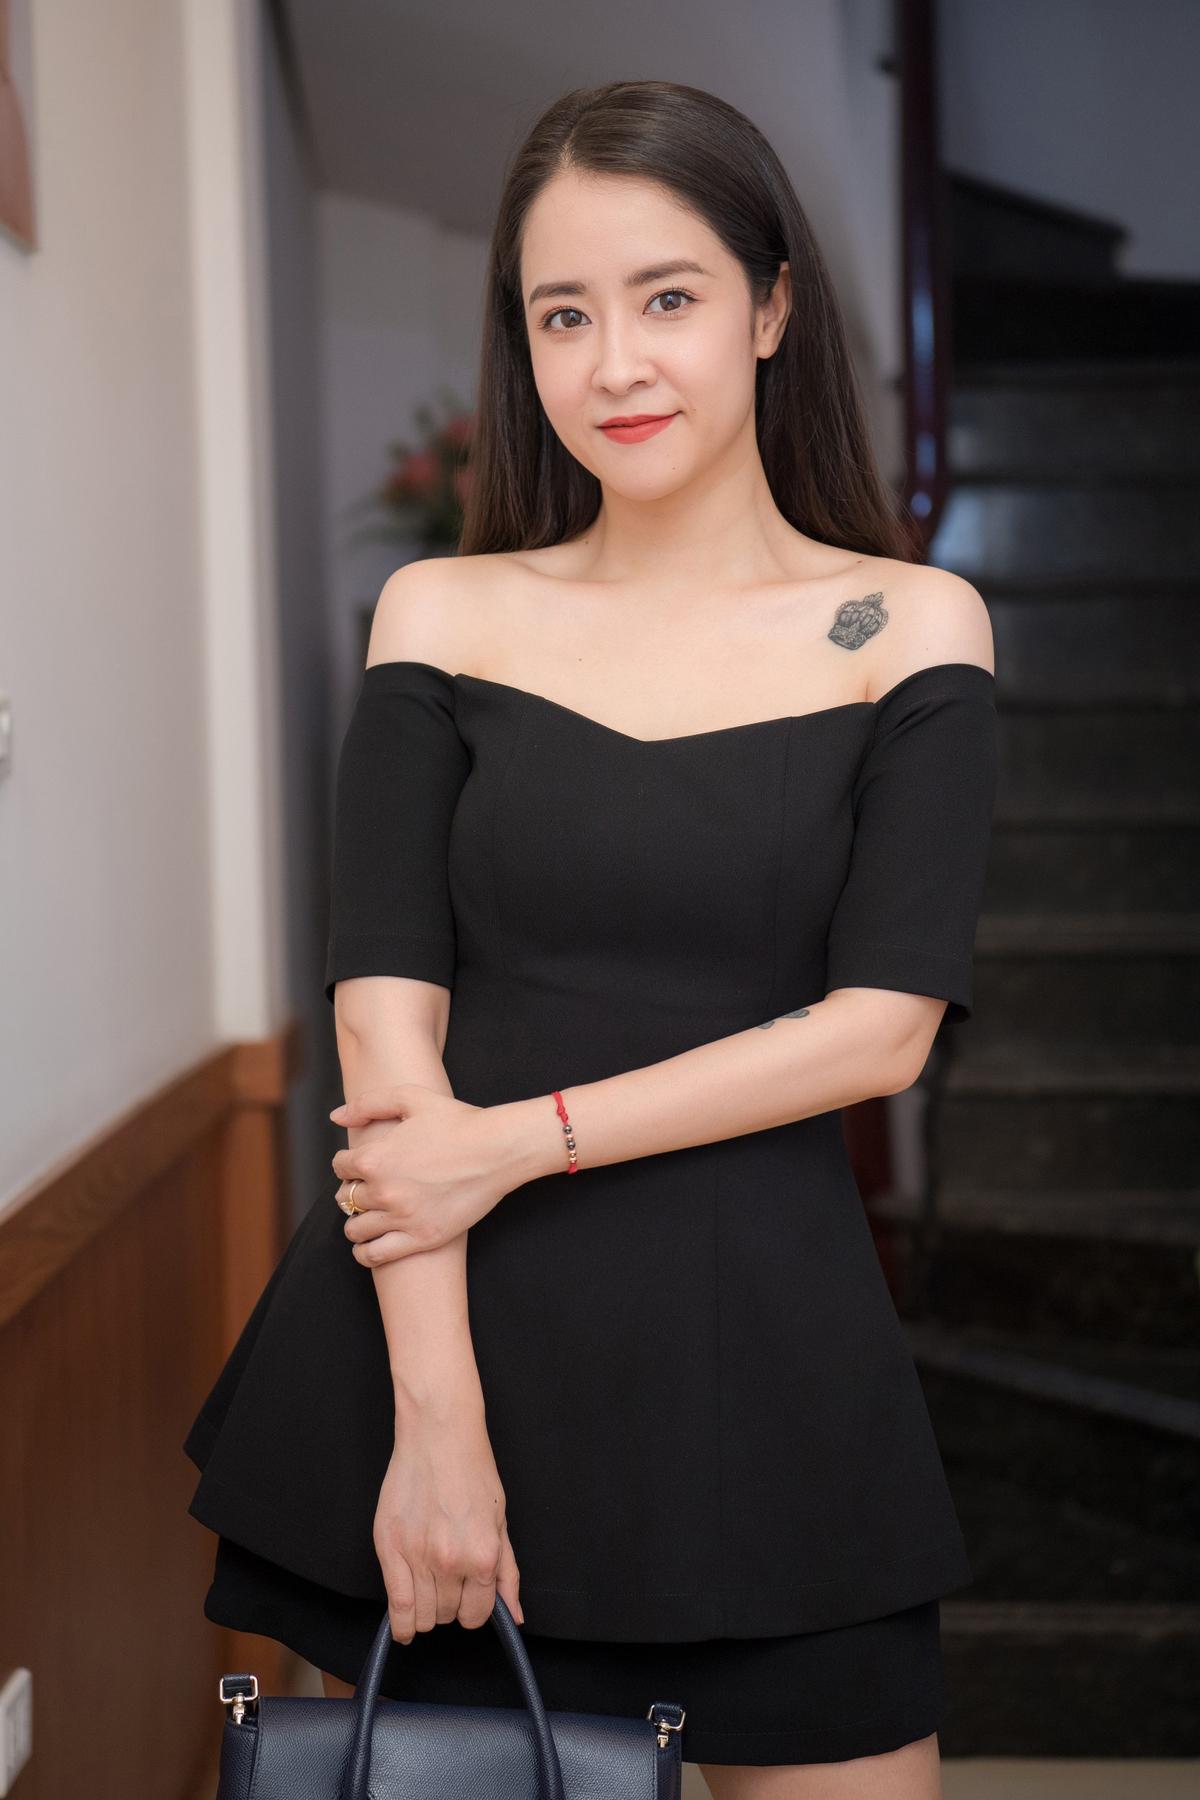 Diễn viên Thùy Dương diện đầm đen trễ vai phối phụ kiện ton sur ton tới chúc mừng bà chủ Thùy Anh. Cô cũng tiết lộ sẽ là một trong những khách hàng đầu tiên trải nghiệm công nghệ làm đẹp mới của thẩm mỹ viện.